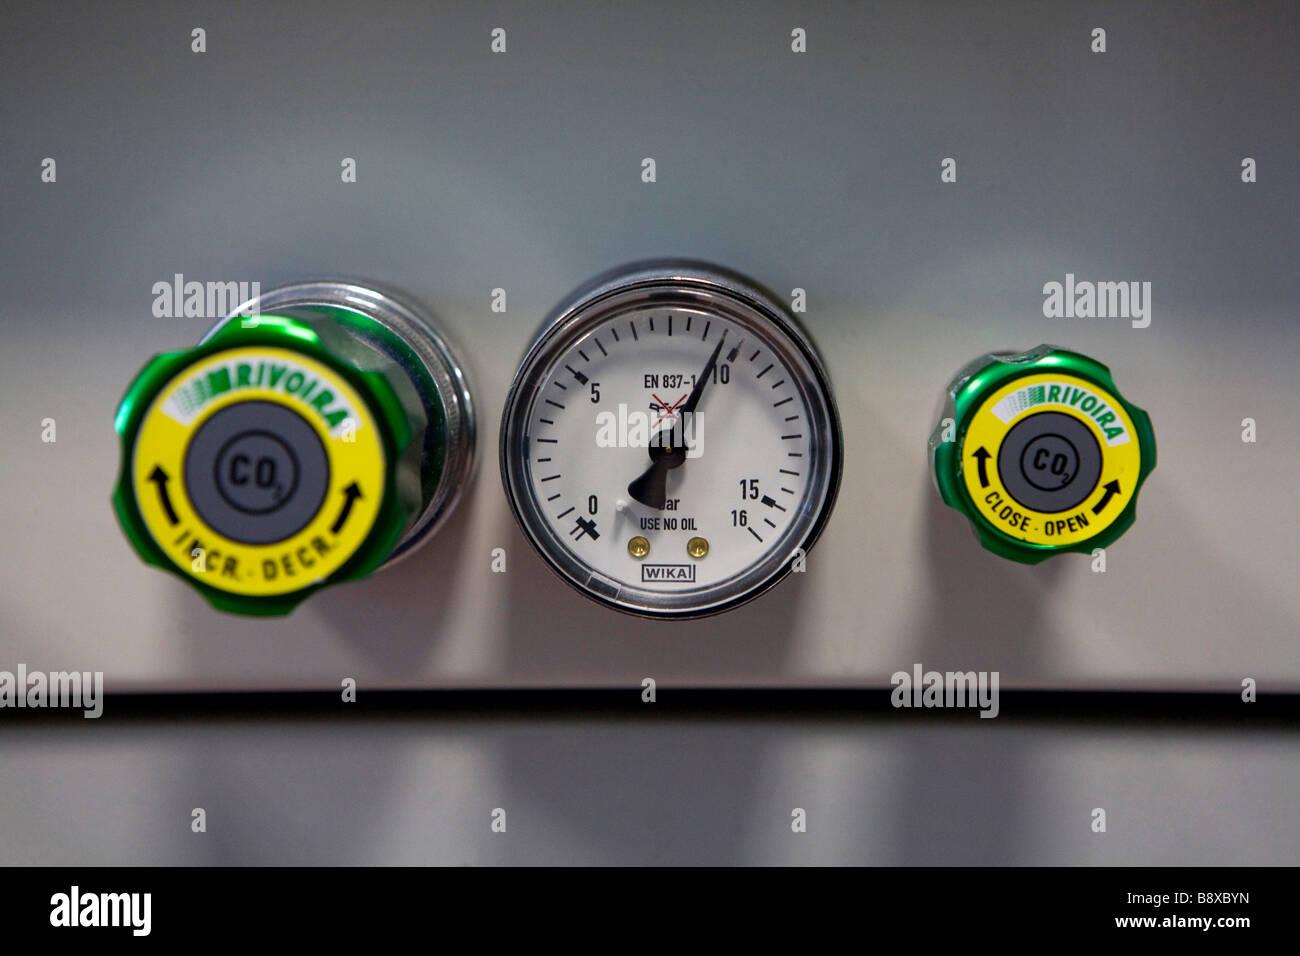 control system for gases, istituto di ricerche farmacologiche mario negri, milan, italy - Stock Image